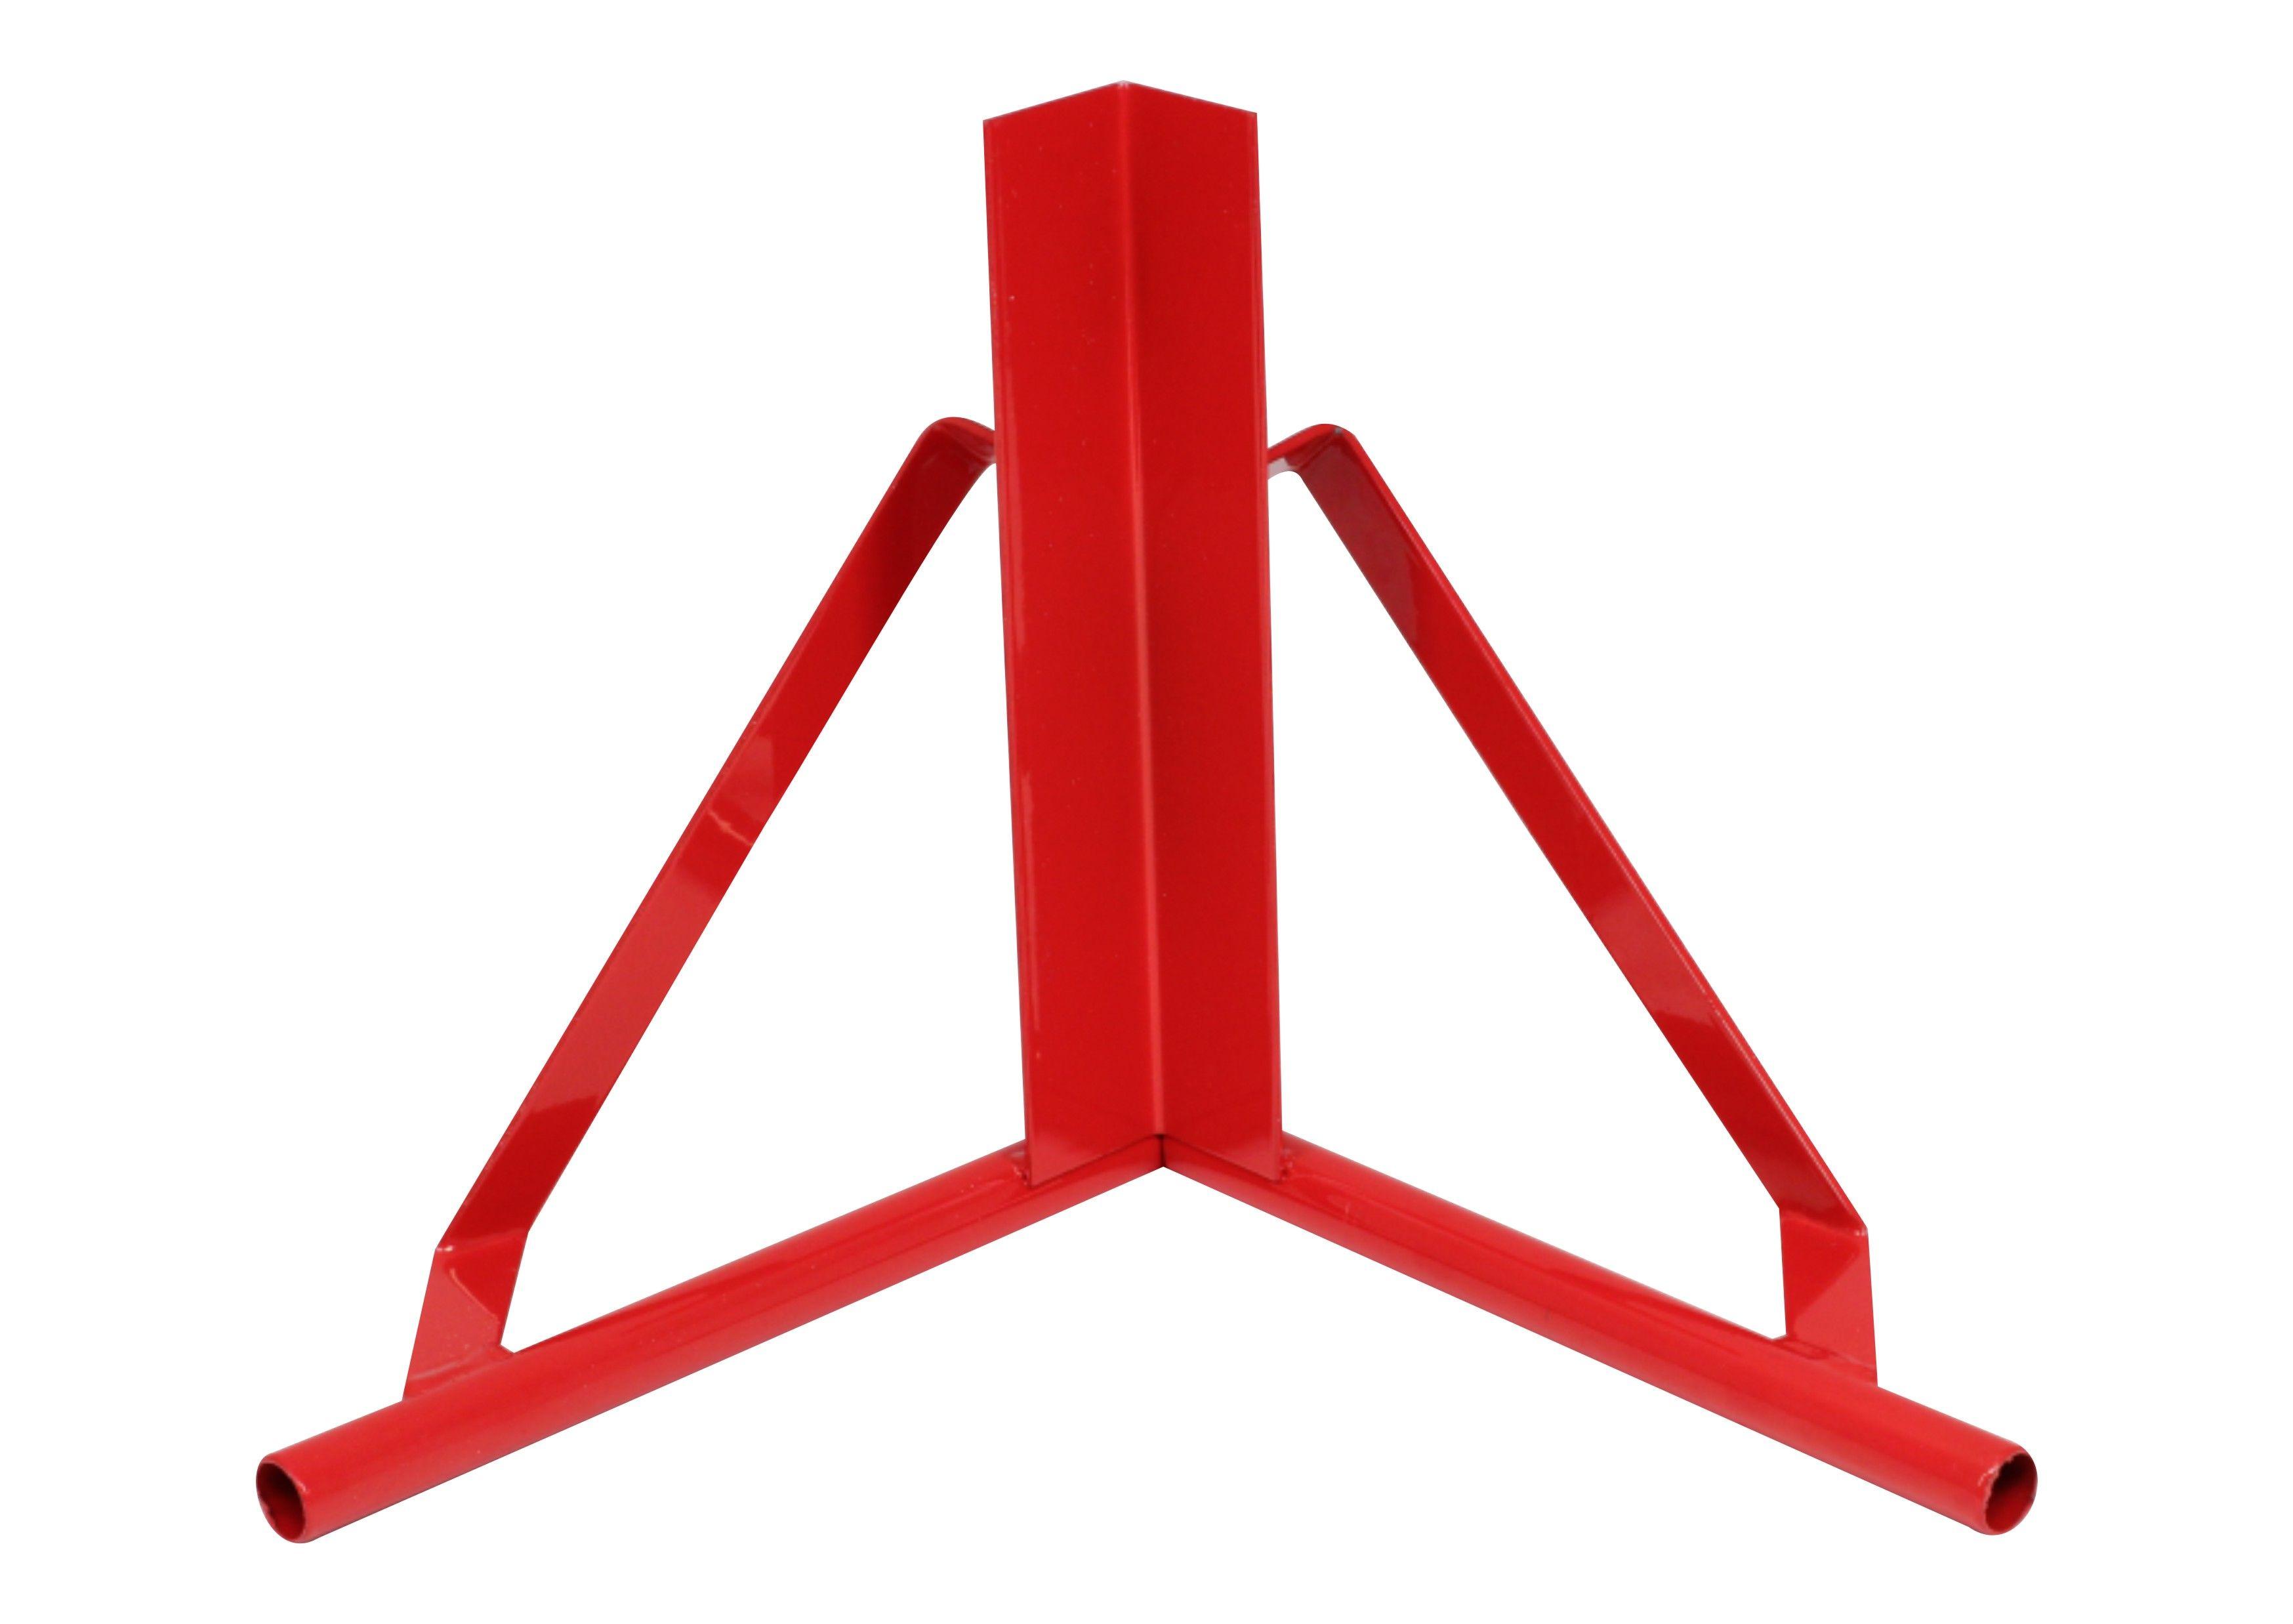 Vágó derékszög falazóblokkhoz, 270x270x270 mm, KUBALA